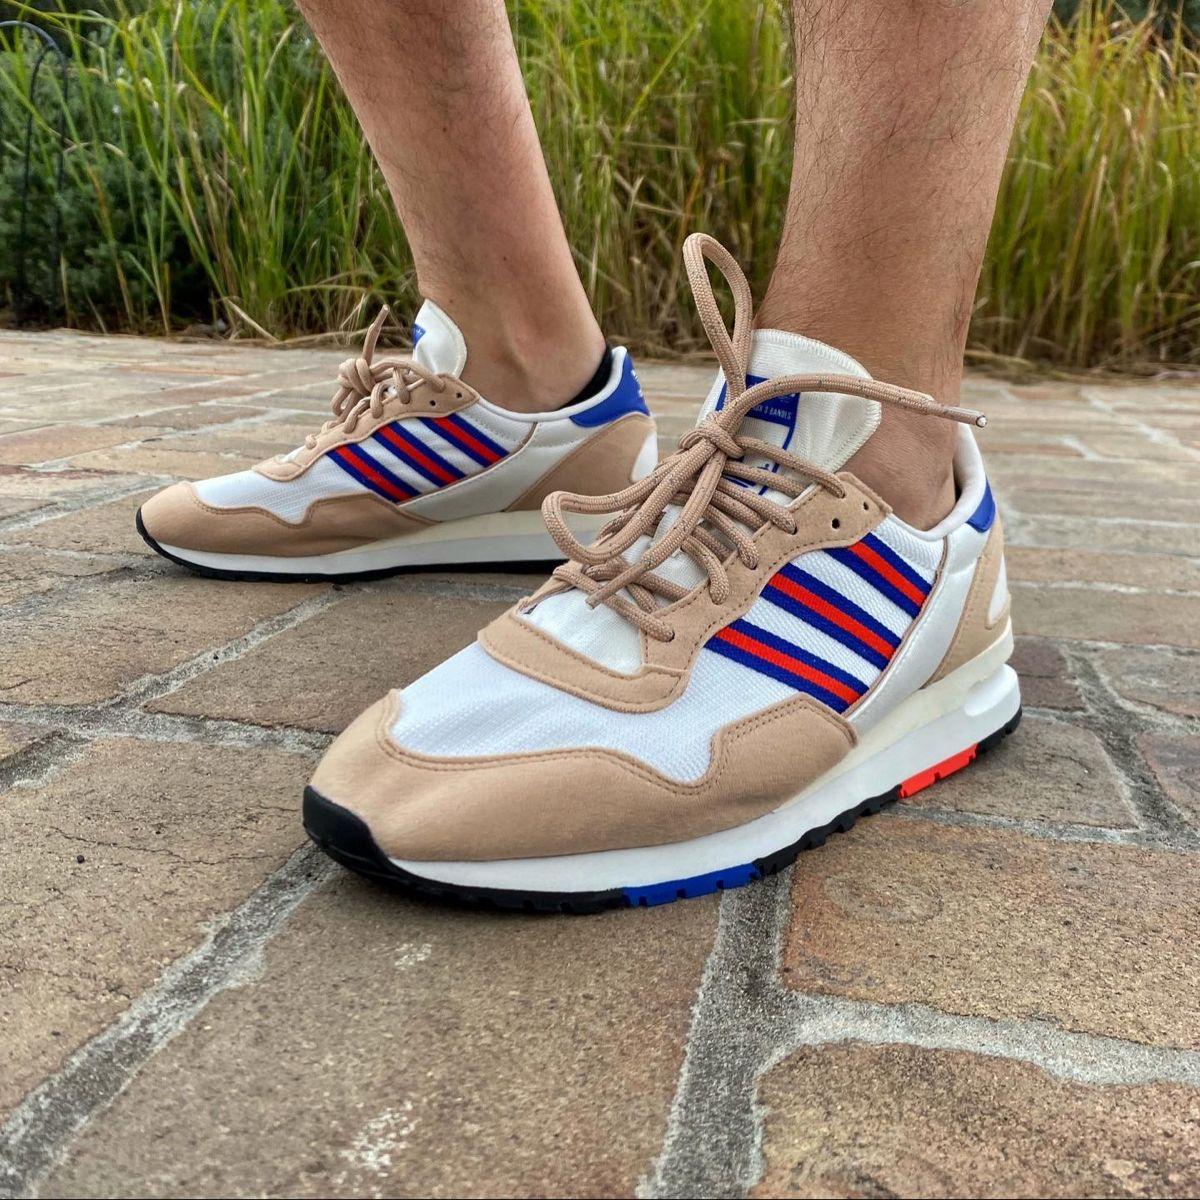 Continuación incrementar fondo de pantalla  adidas Originals Lowertree in 2020 | Adidas spezial, Adidas, Sneakers